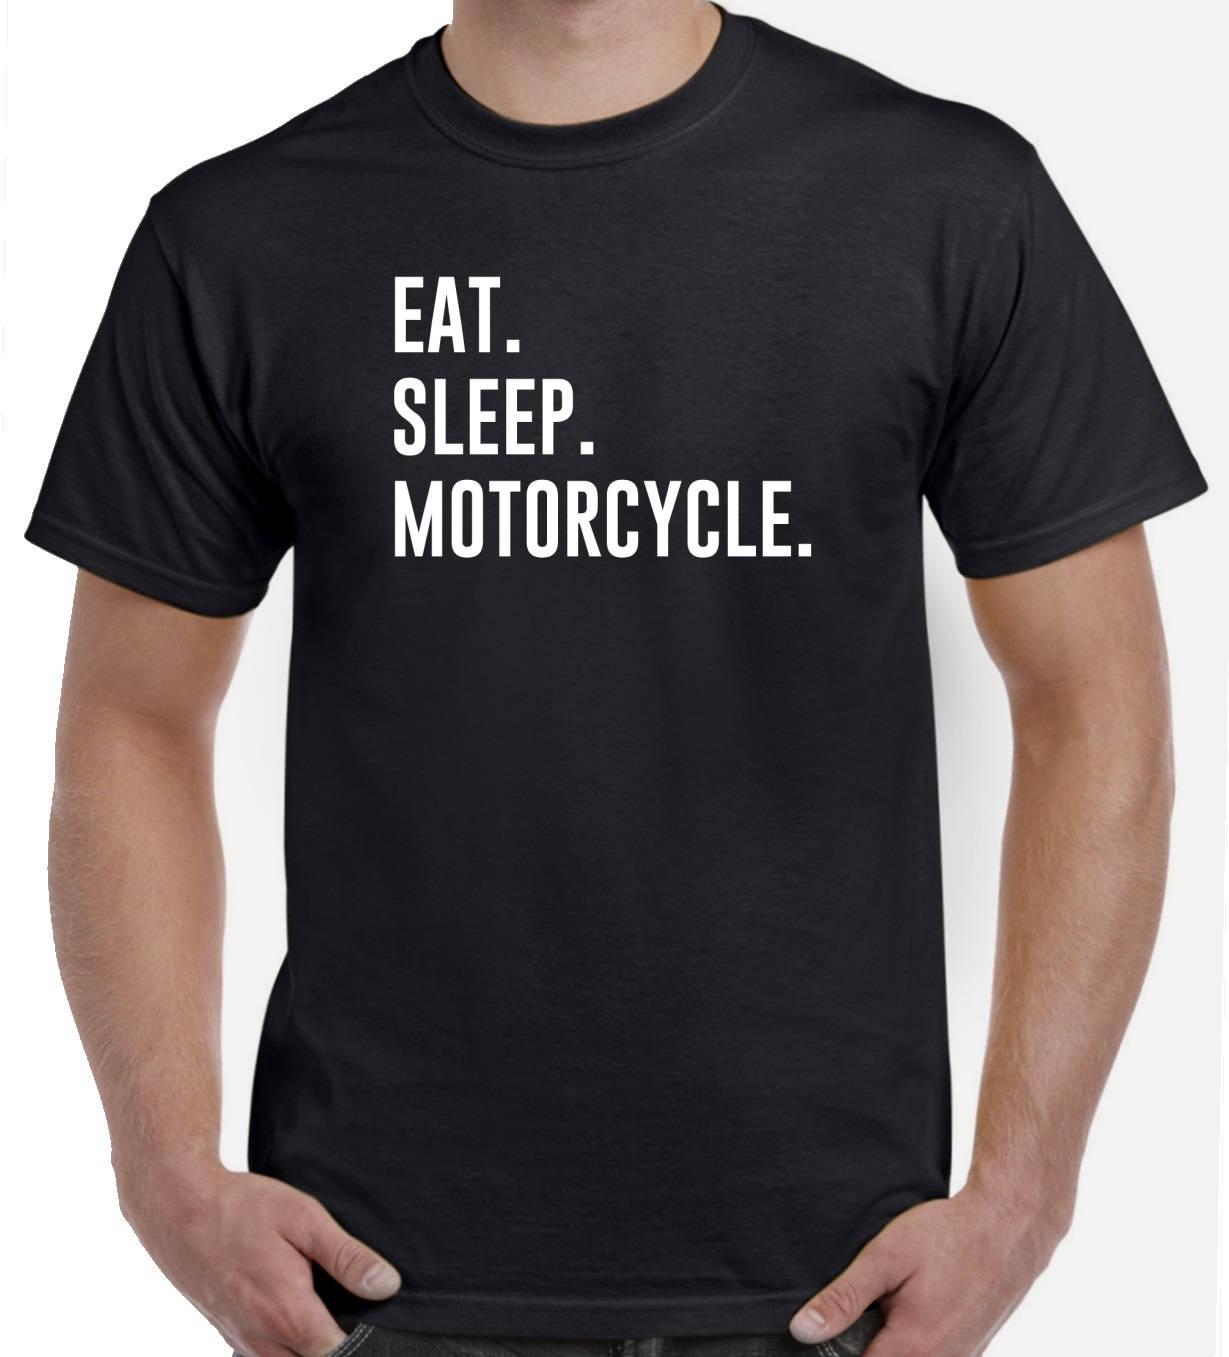 motorrad shirt essen schlaf motorrad t shirt motorrad. Black Bedroom Furniture Sets. Home Design Ideas